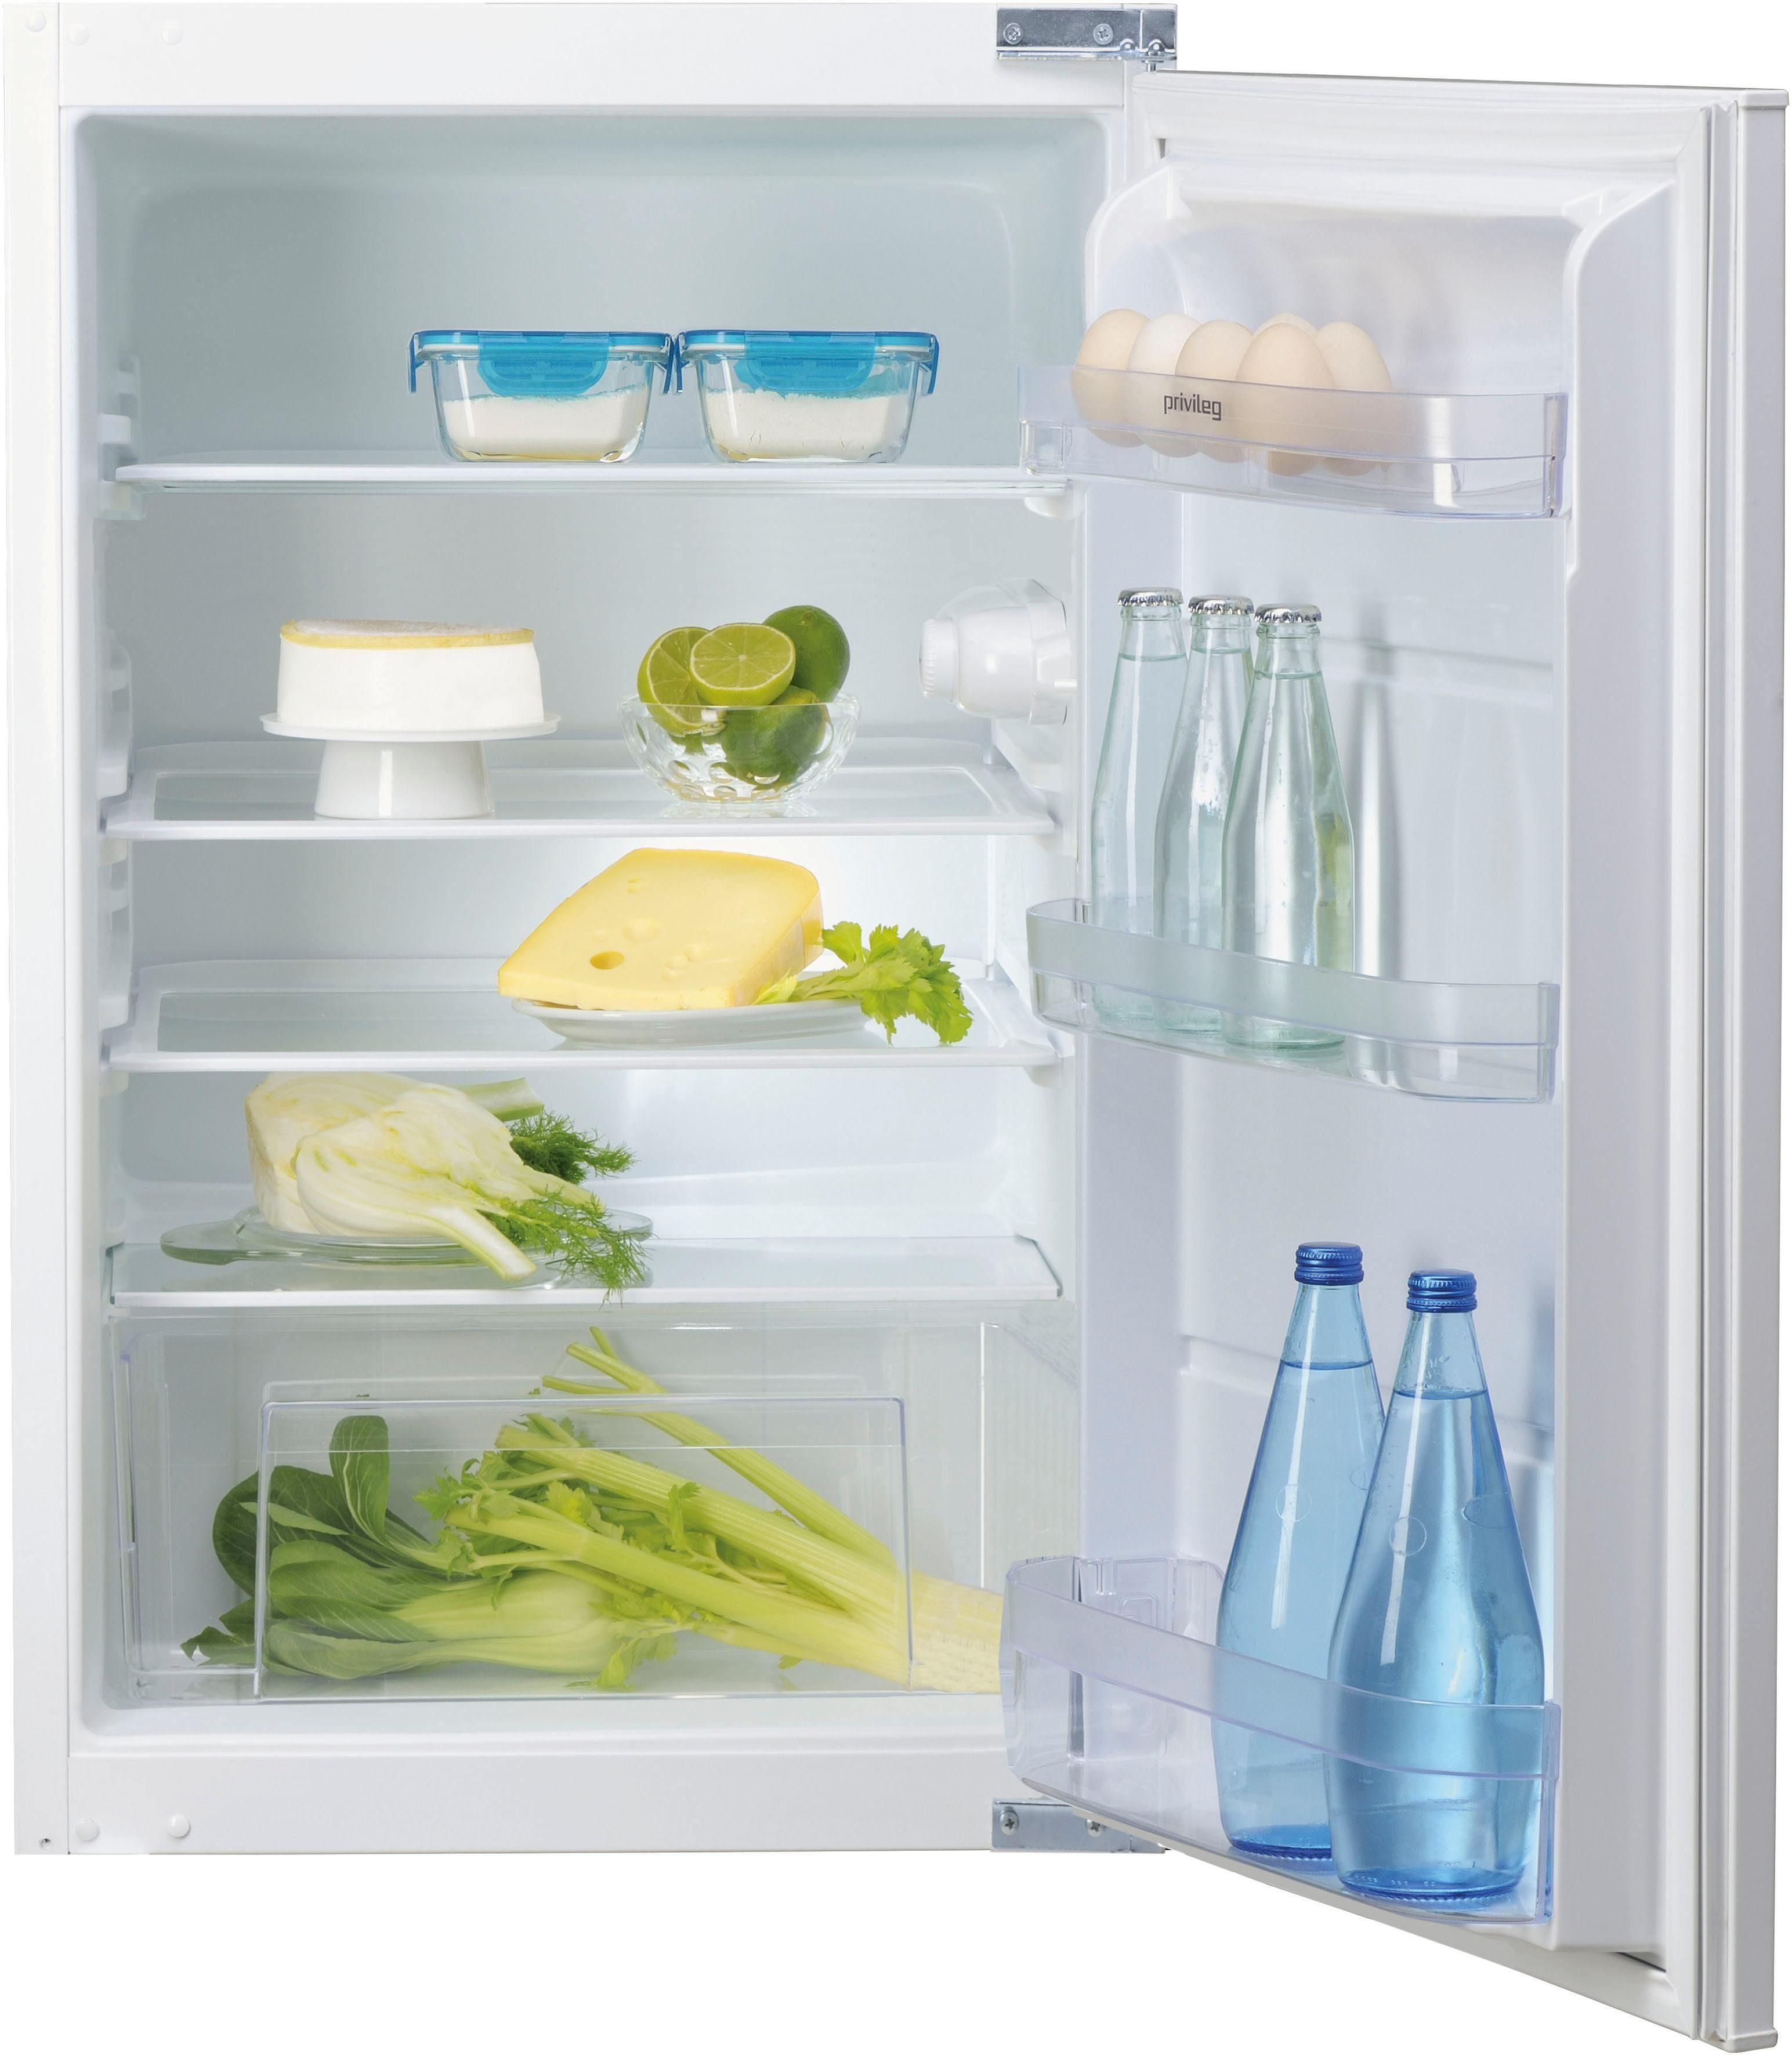 Privileg Einbaukühlschrank PRCIF 154 A++, 87,5 cm hoch, 54 cm breit